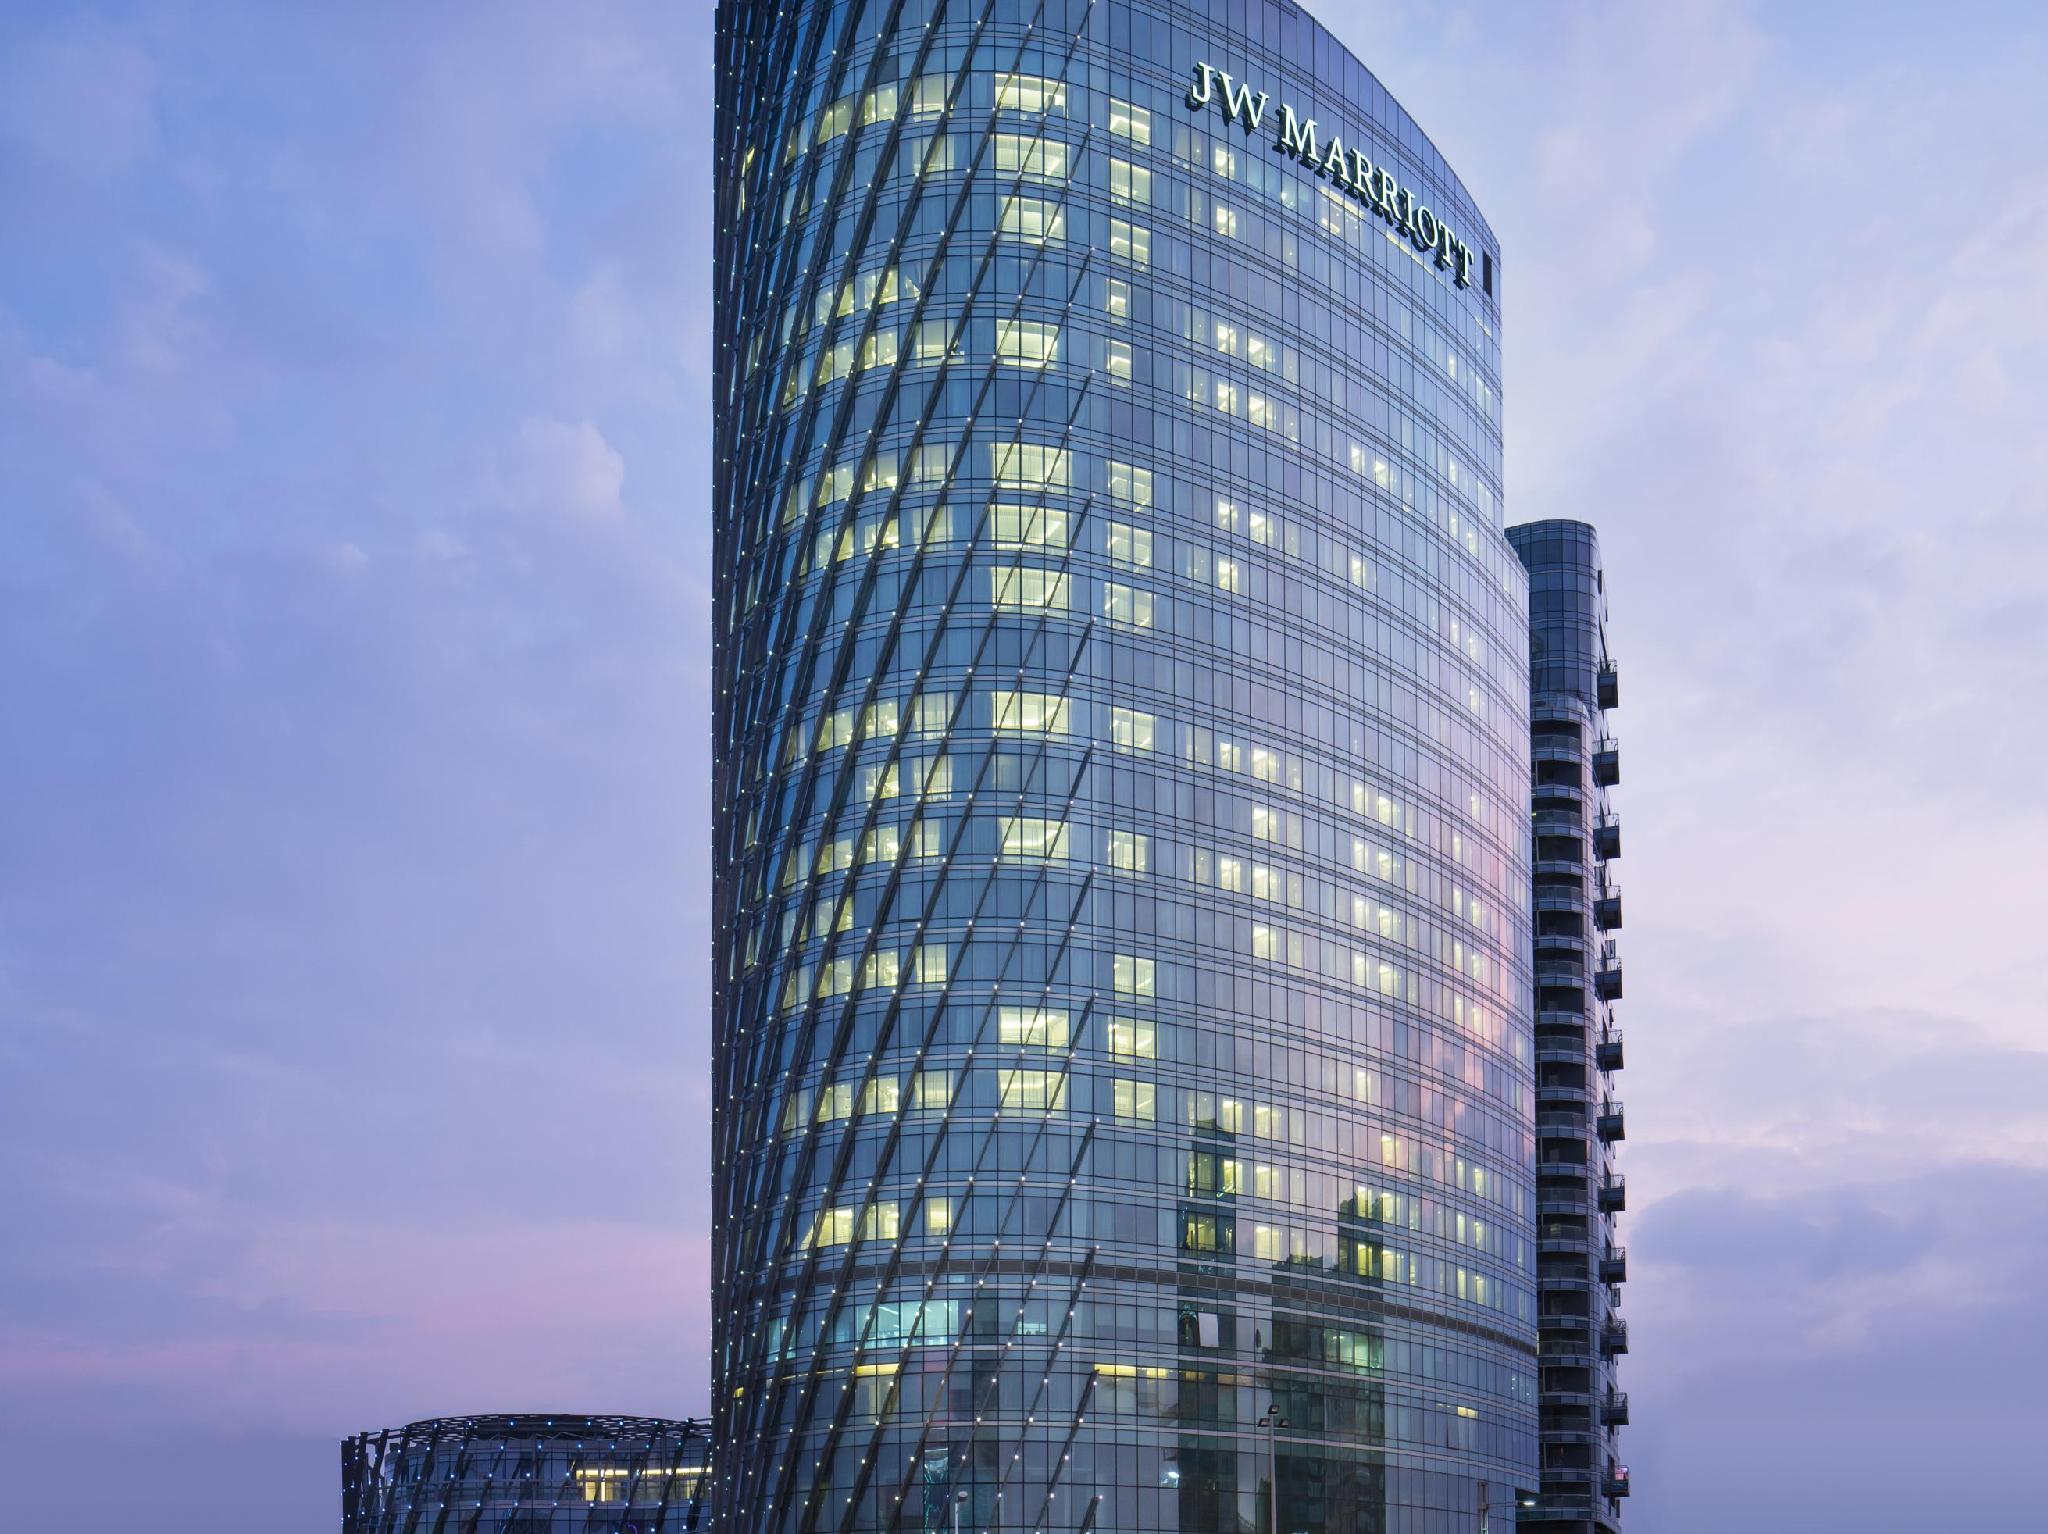 Bao Hotel Marriott